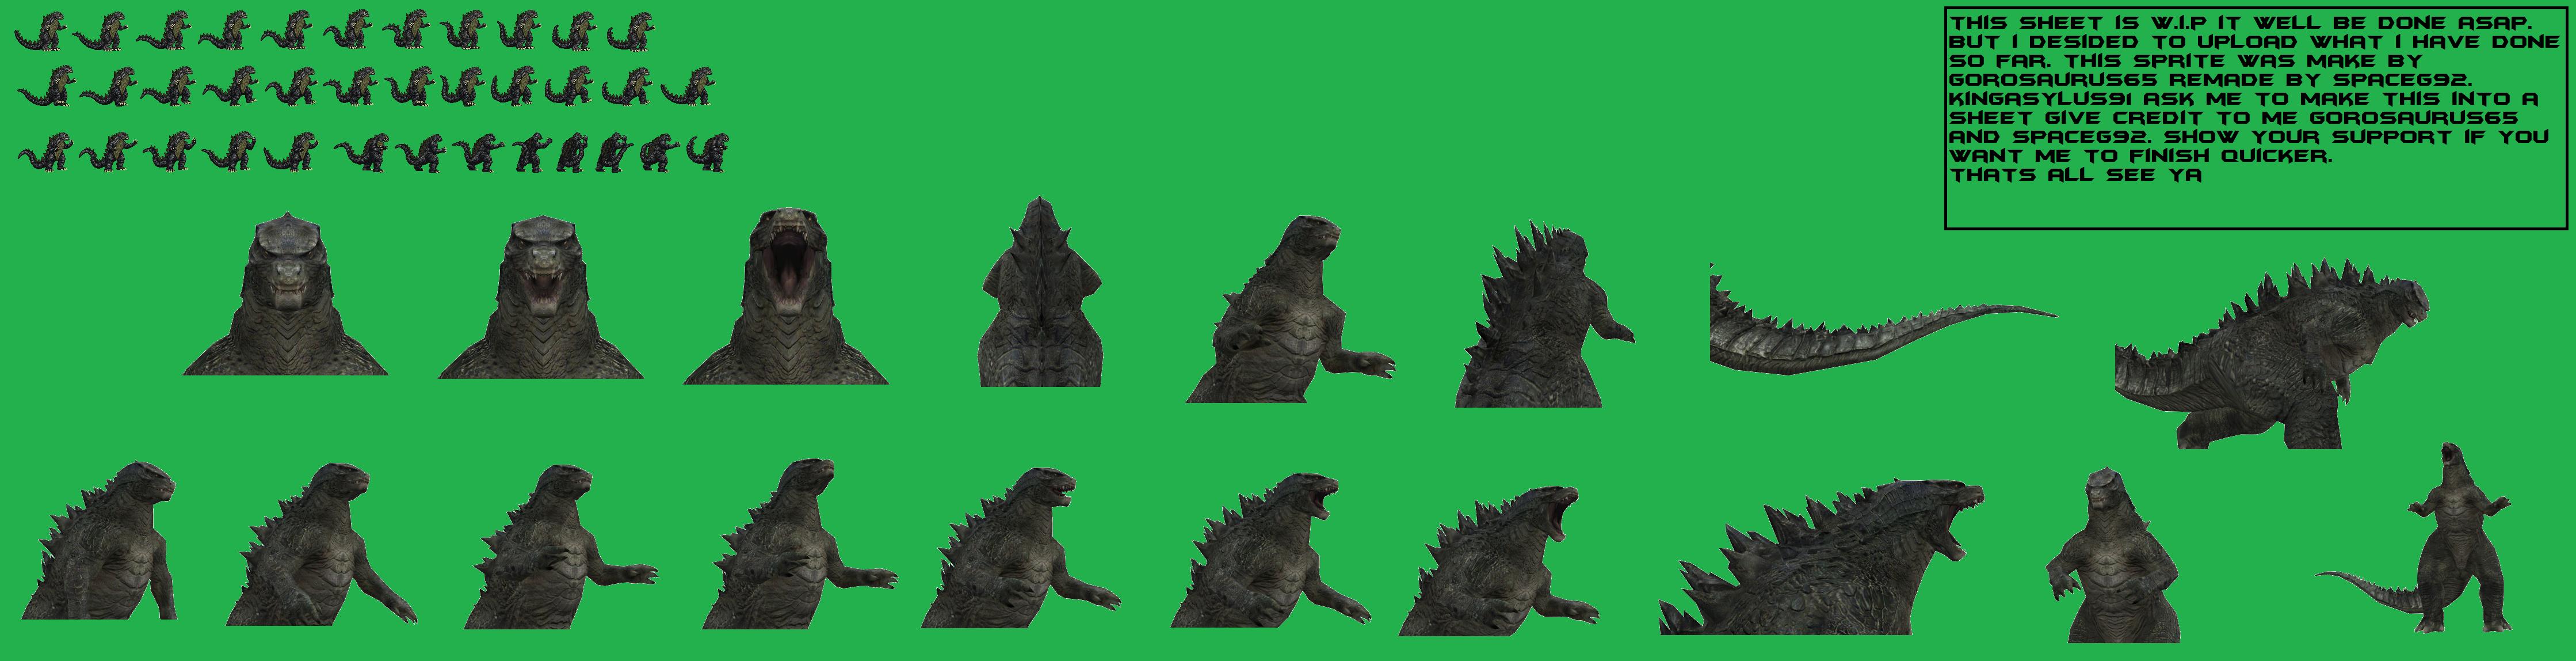 Godzilla 2014 Sprite Wip by scott910